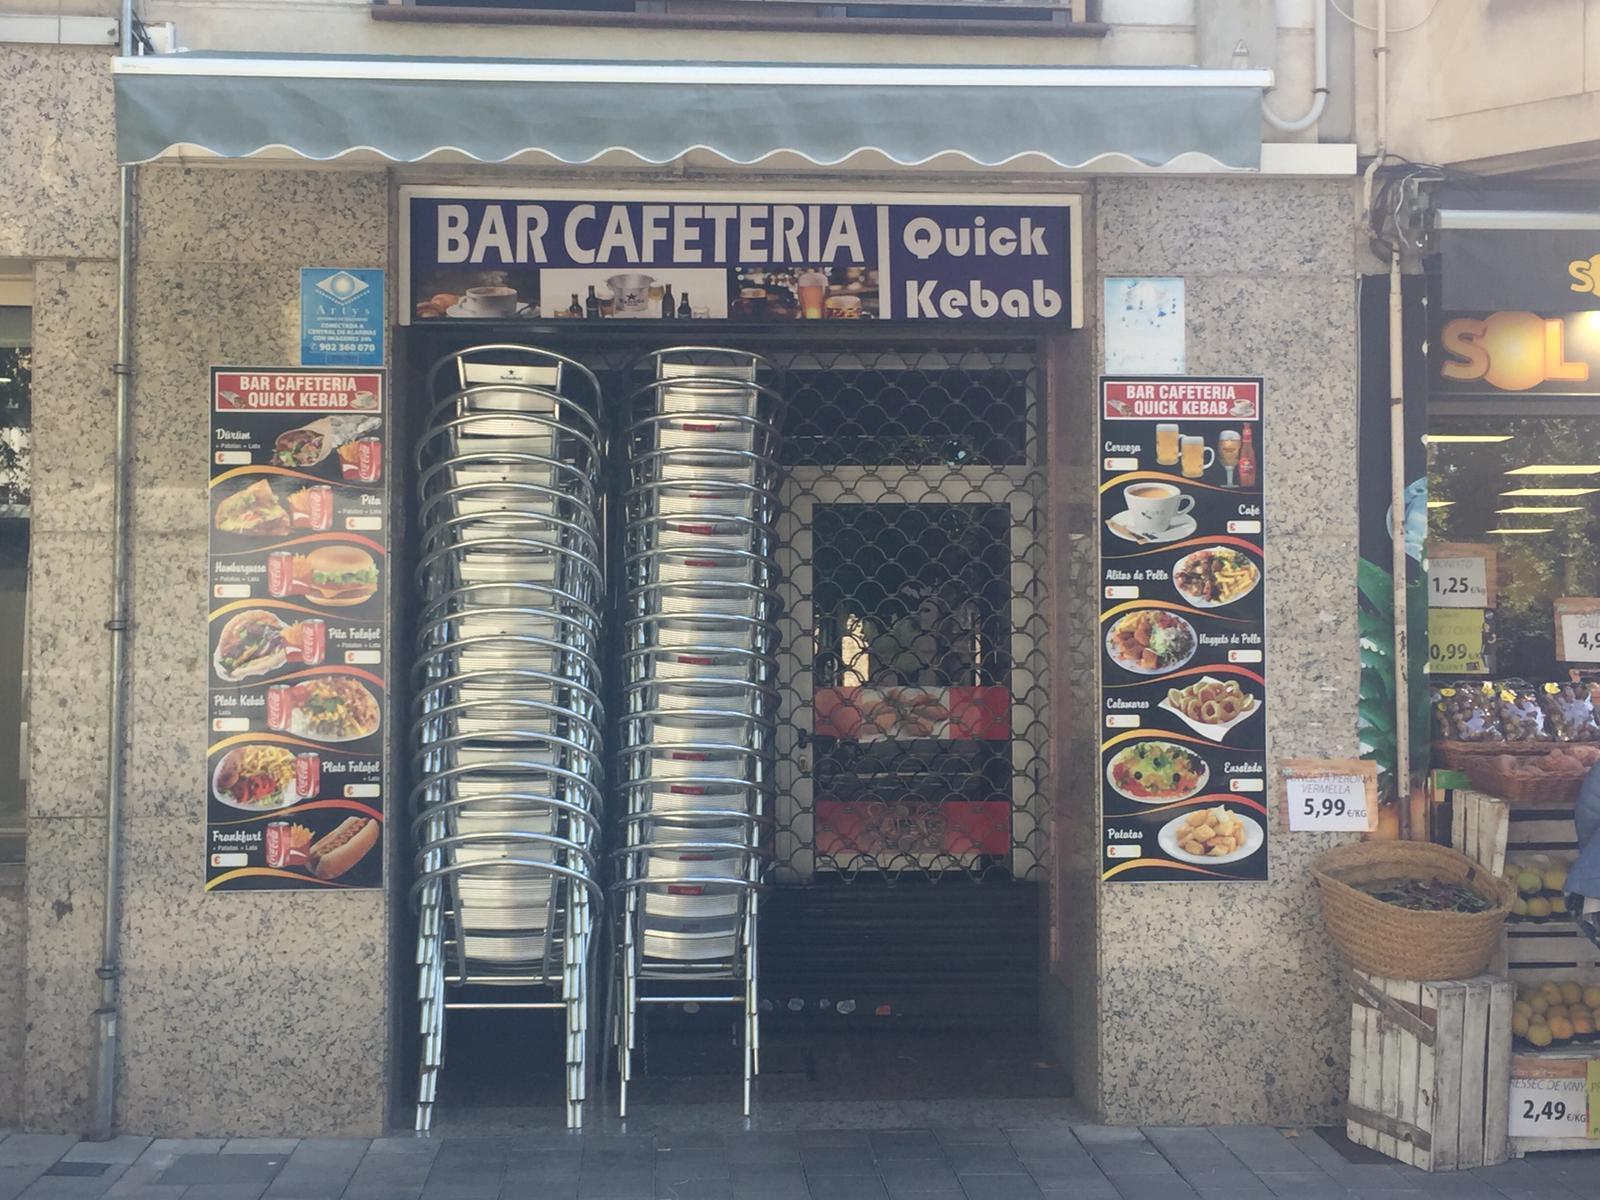 Bars i terrasses tancats després de l'aprovació de les noves restriccions. FOTO: Andrea Martínez